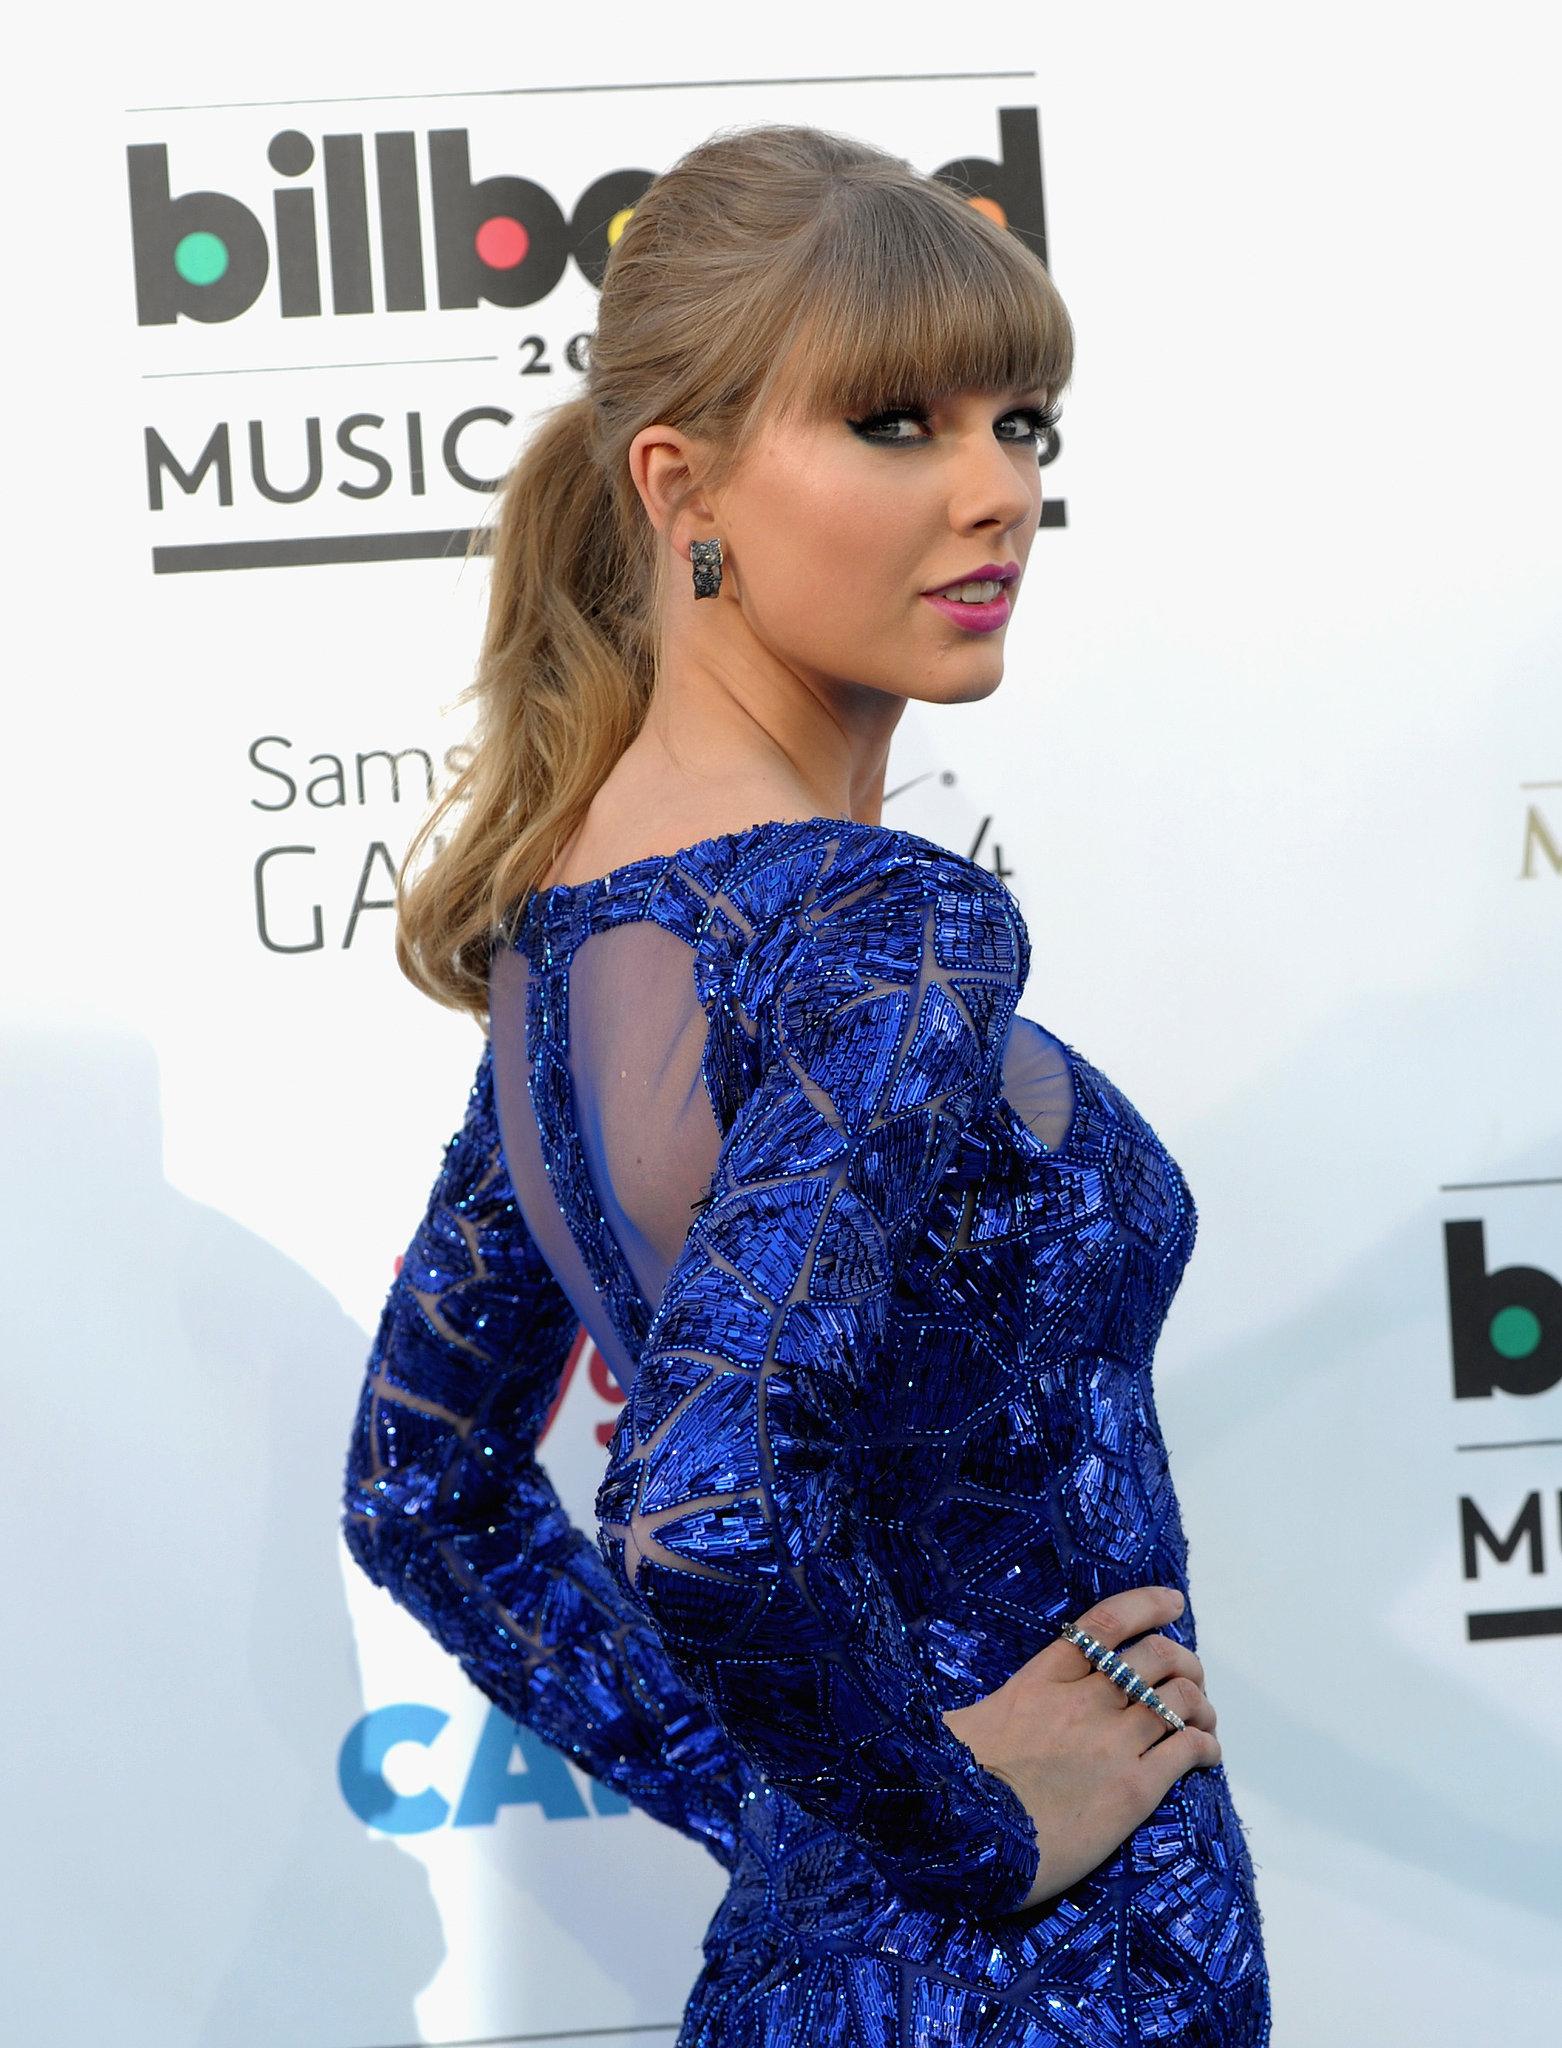 Taylor Swift's dress had a sheer back at the Billboard Music Awards.